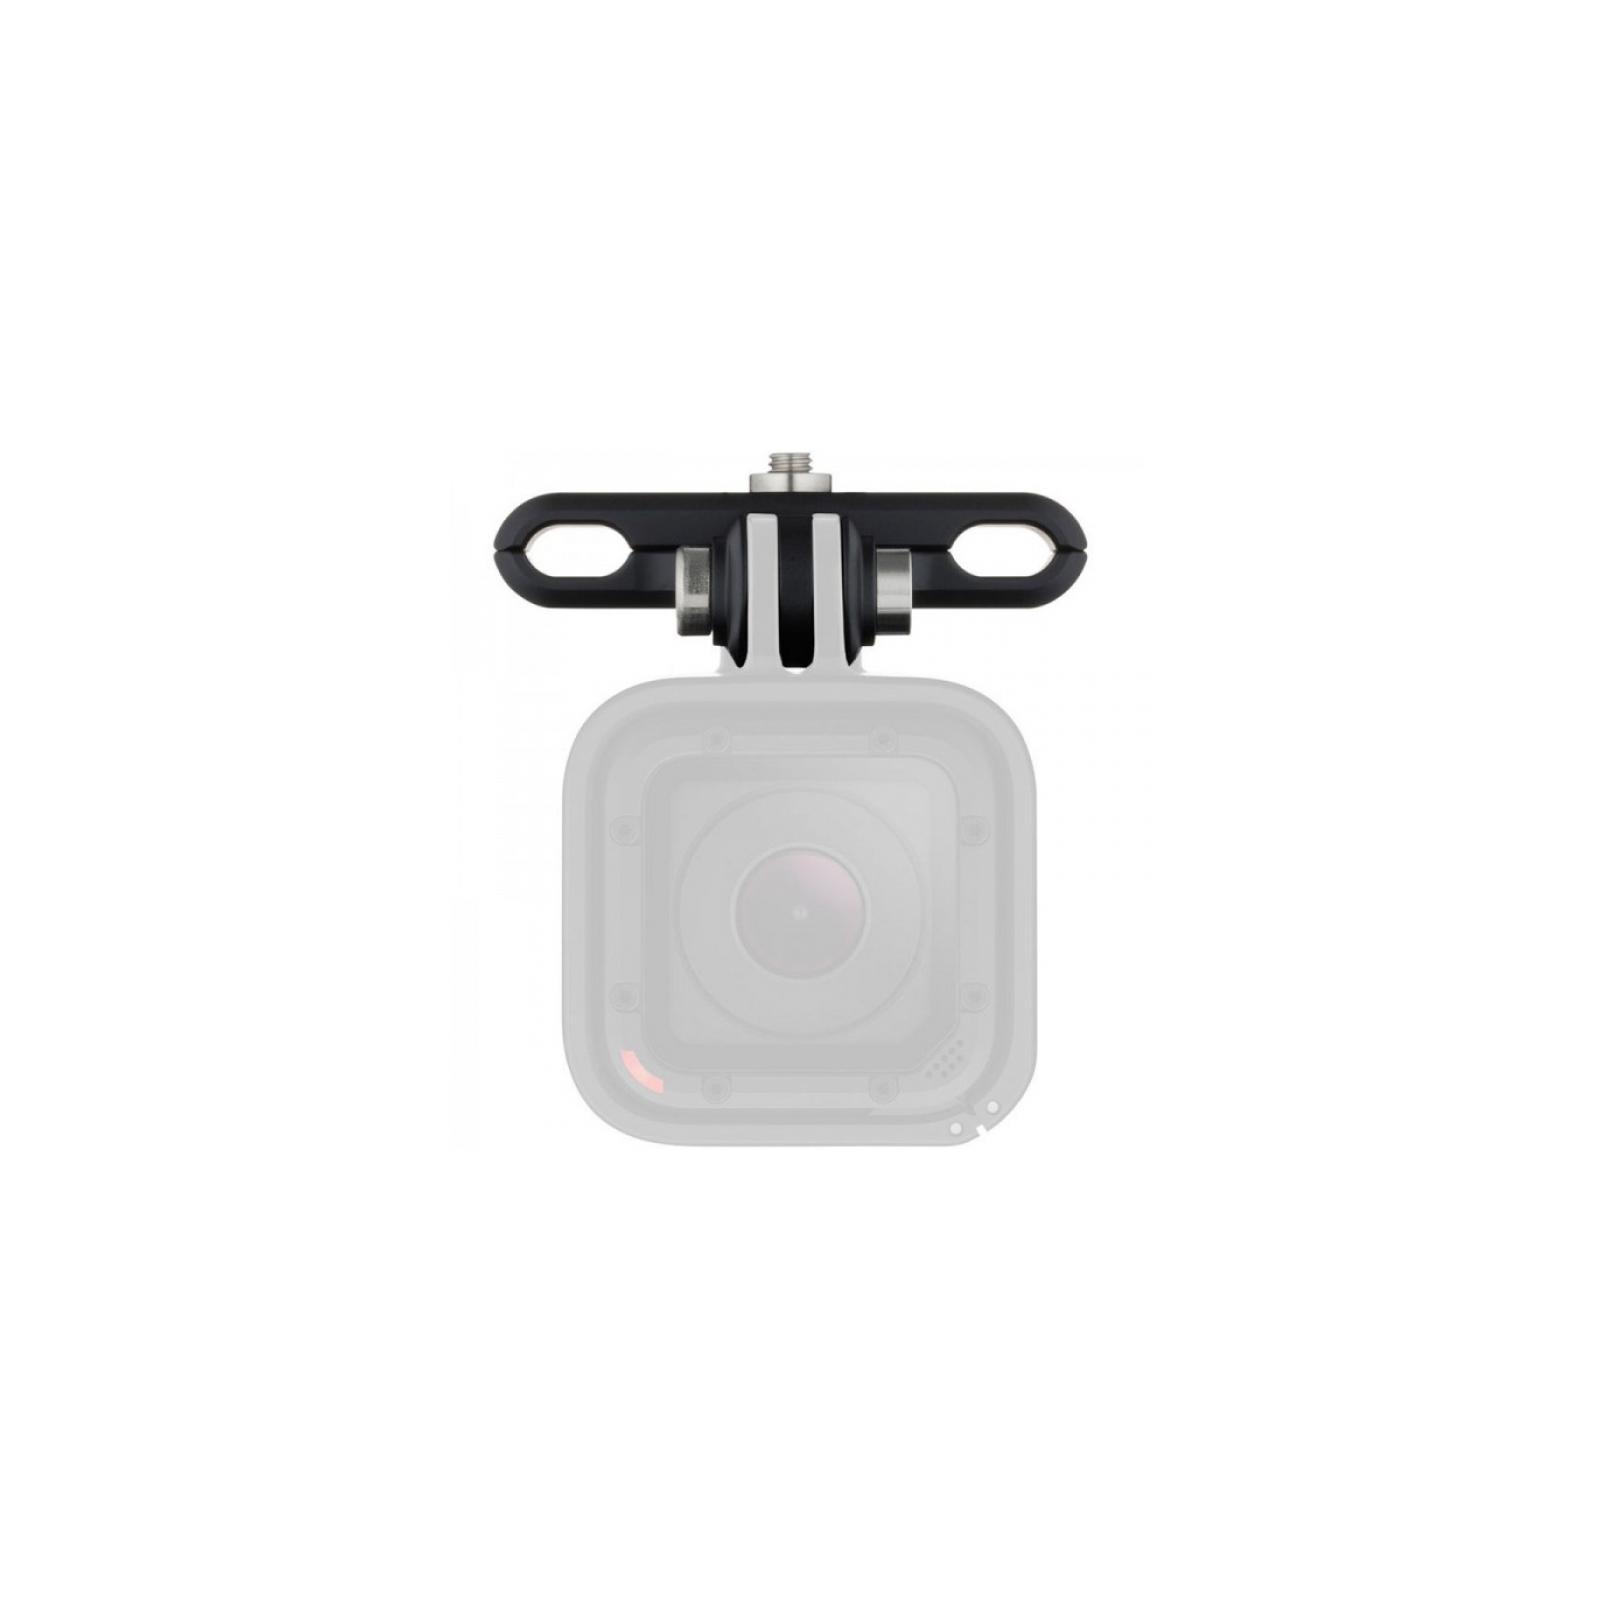 Аксессуар к экшн-камерам GoPro Pro Seat Rail Mount (AMBSM-001)